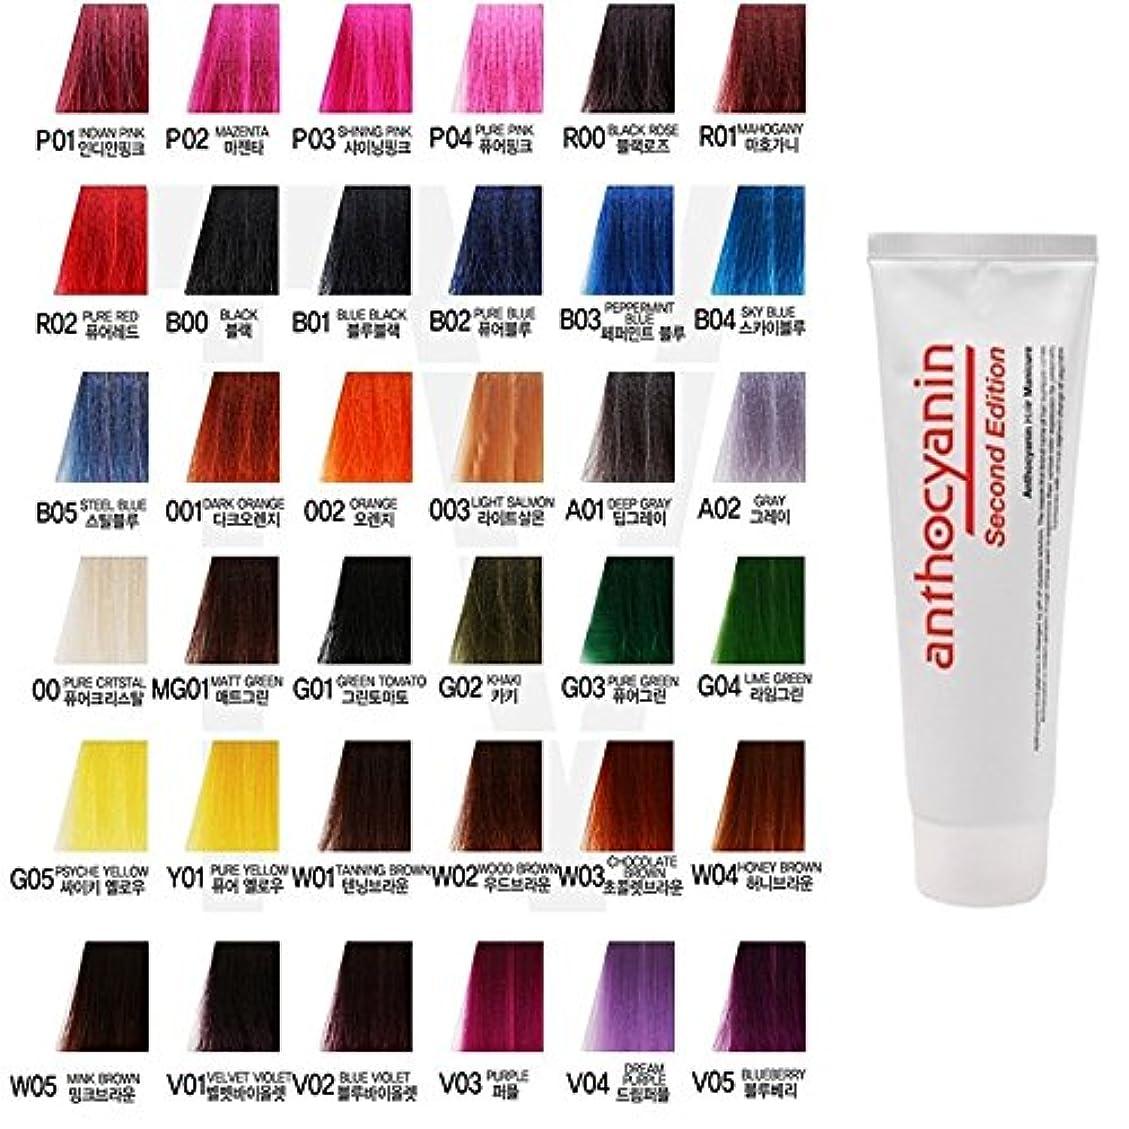 背の高い哲学者見る人ヘア マニキュア カラー セカンド エディション 230g セミ パーマネント 染毛剤 ( Hair Manicure Color Second Edition 230g Semi Permanent Hair Dye) [並行輸入品] (A01 Deep Gray)